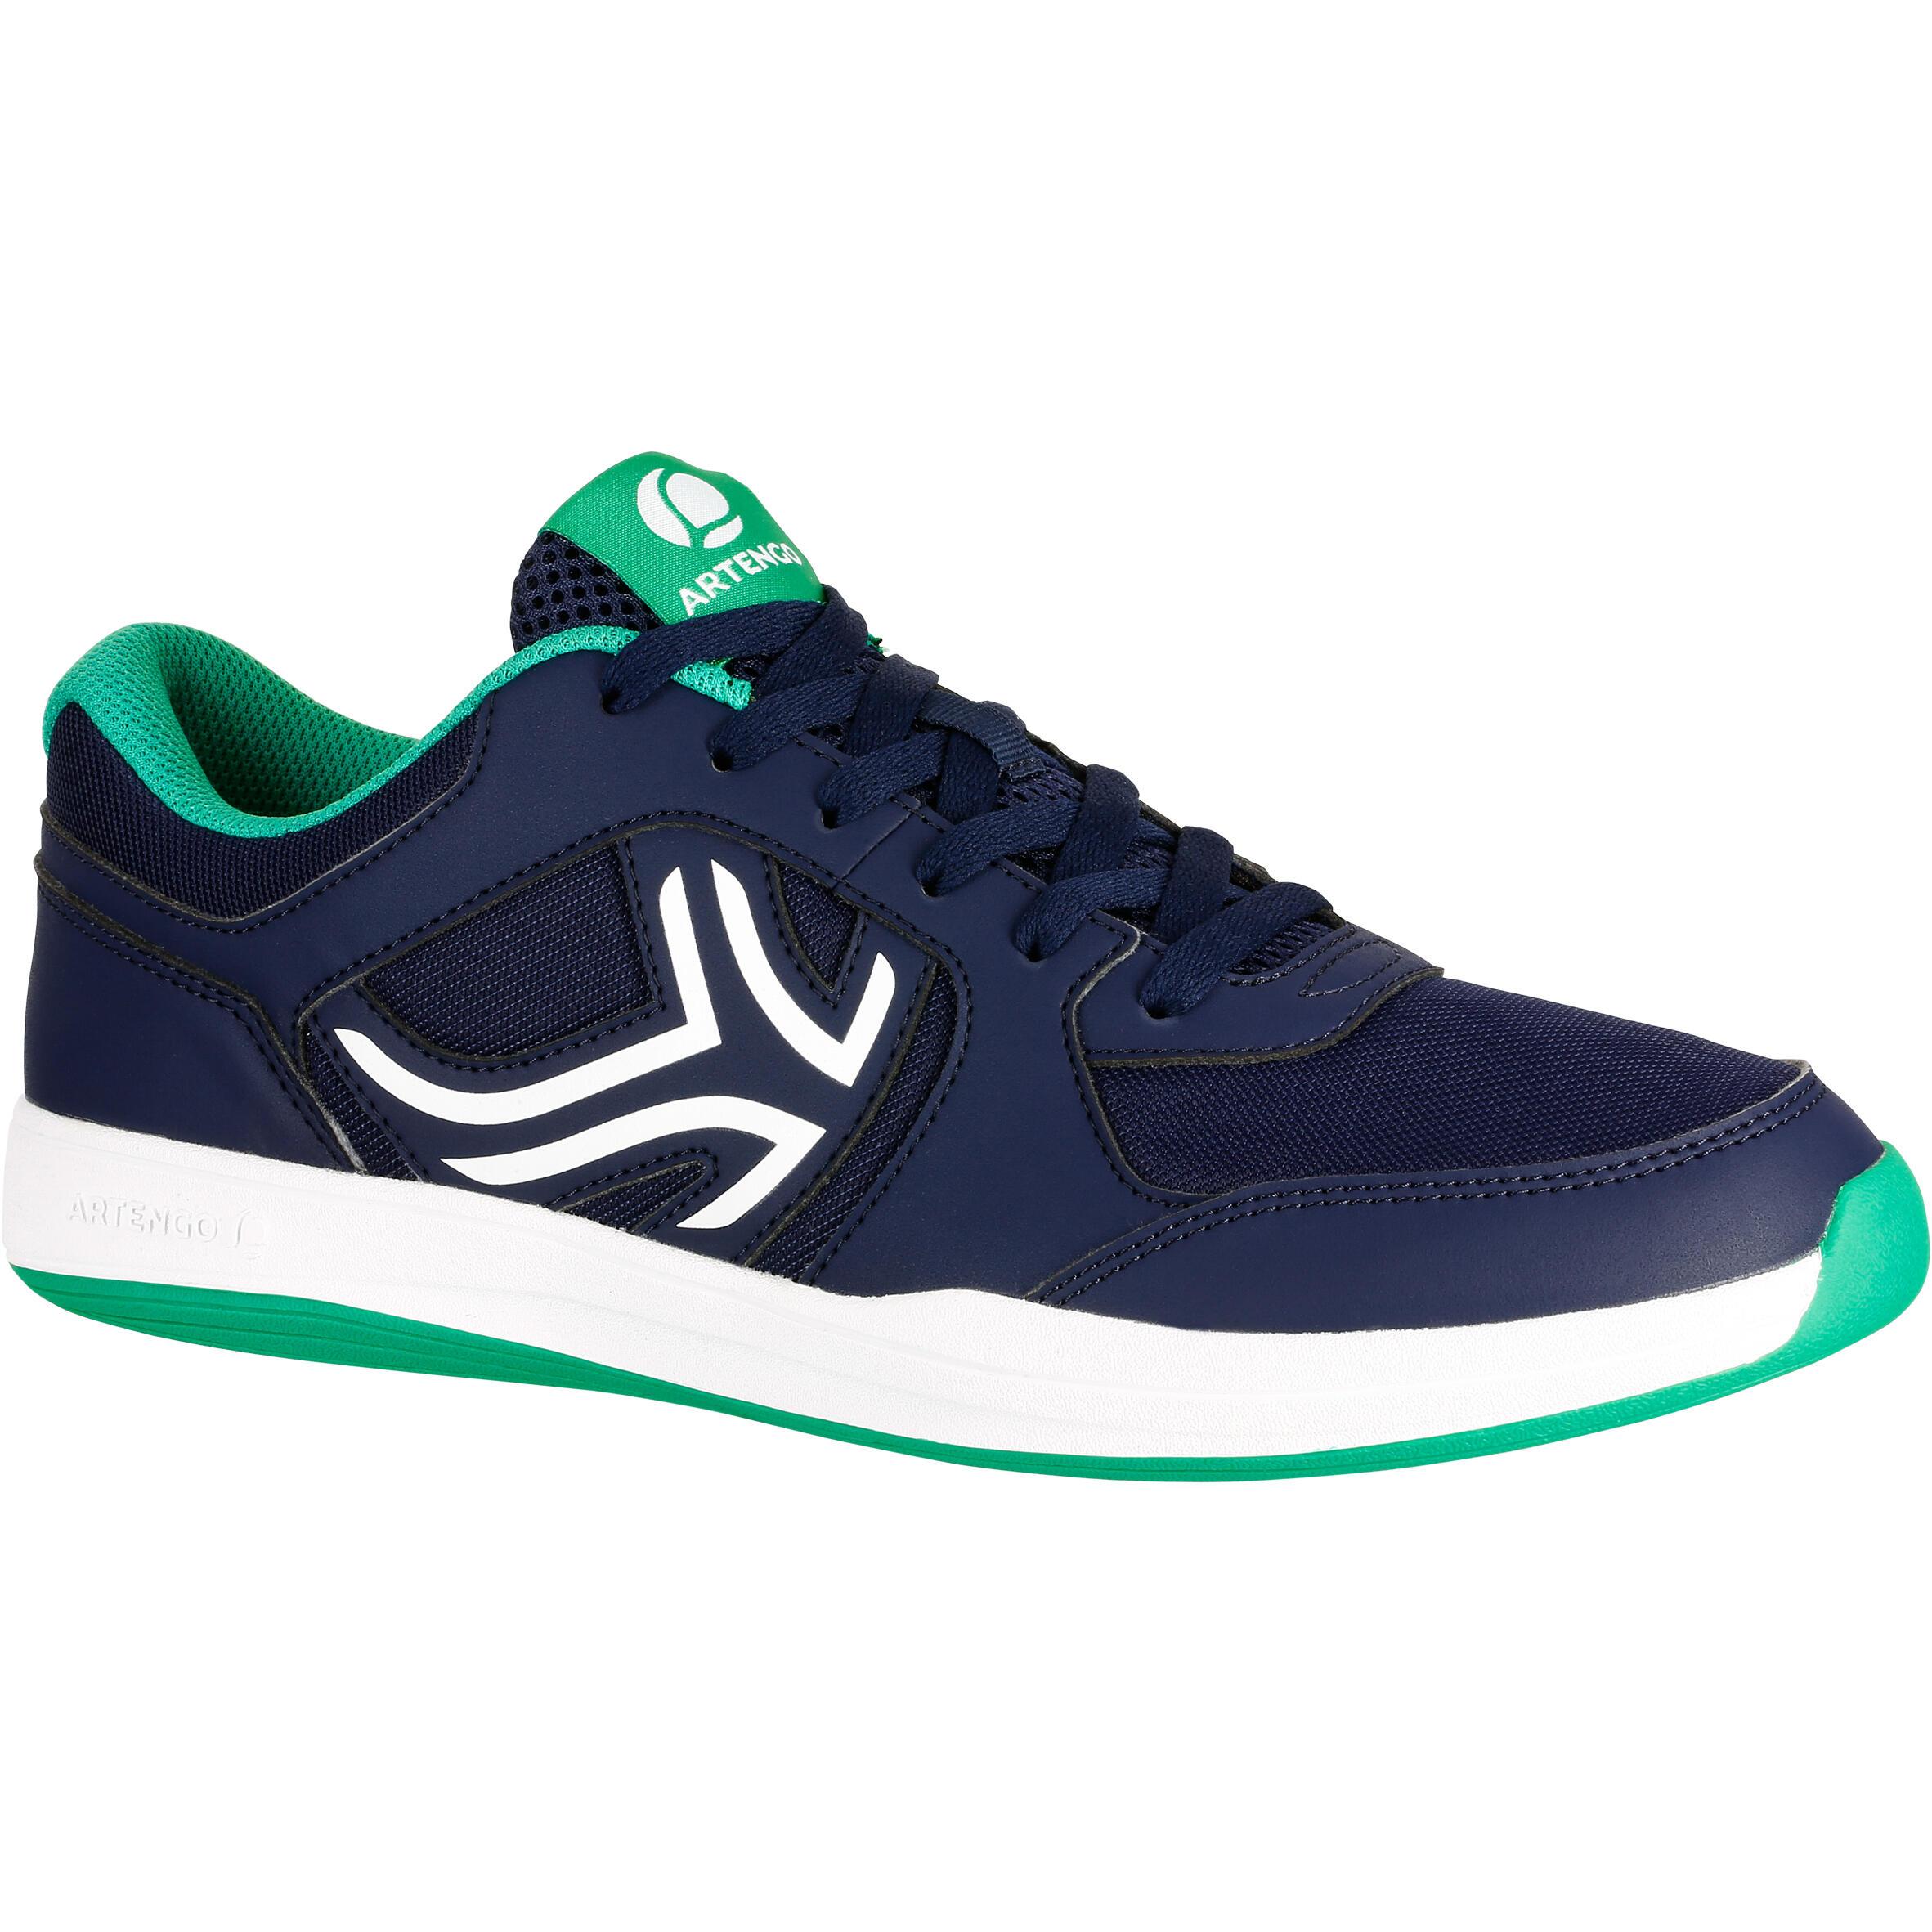 Artengo Tennisschoenen voor heren TS130 marineblauw multicourt